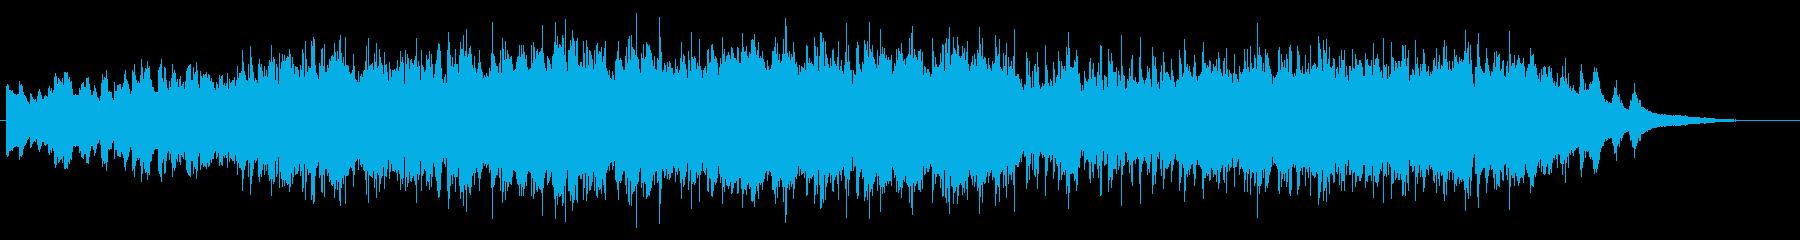 ほっこりやさしい・明るい日常BGMの再生済みの波形